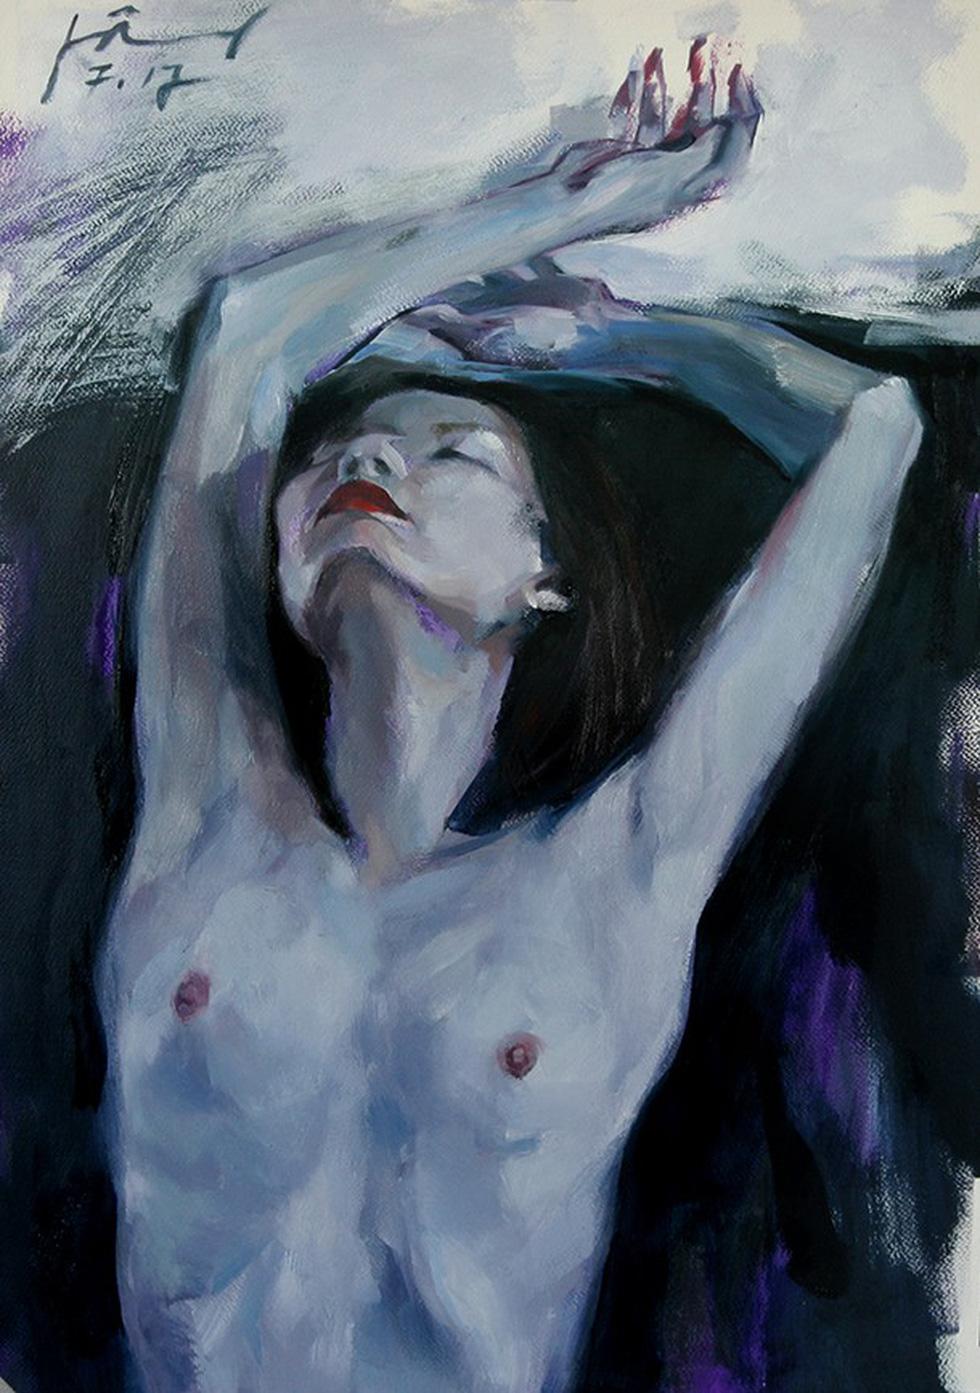 Lần đầu tiên dự án nghệ thuật khép kín: triển lãm nude Trang - Ảnh 5.